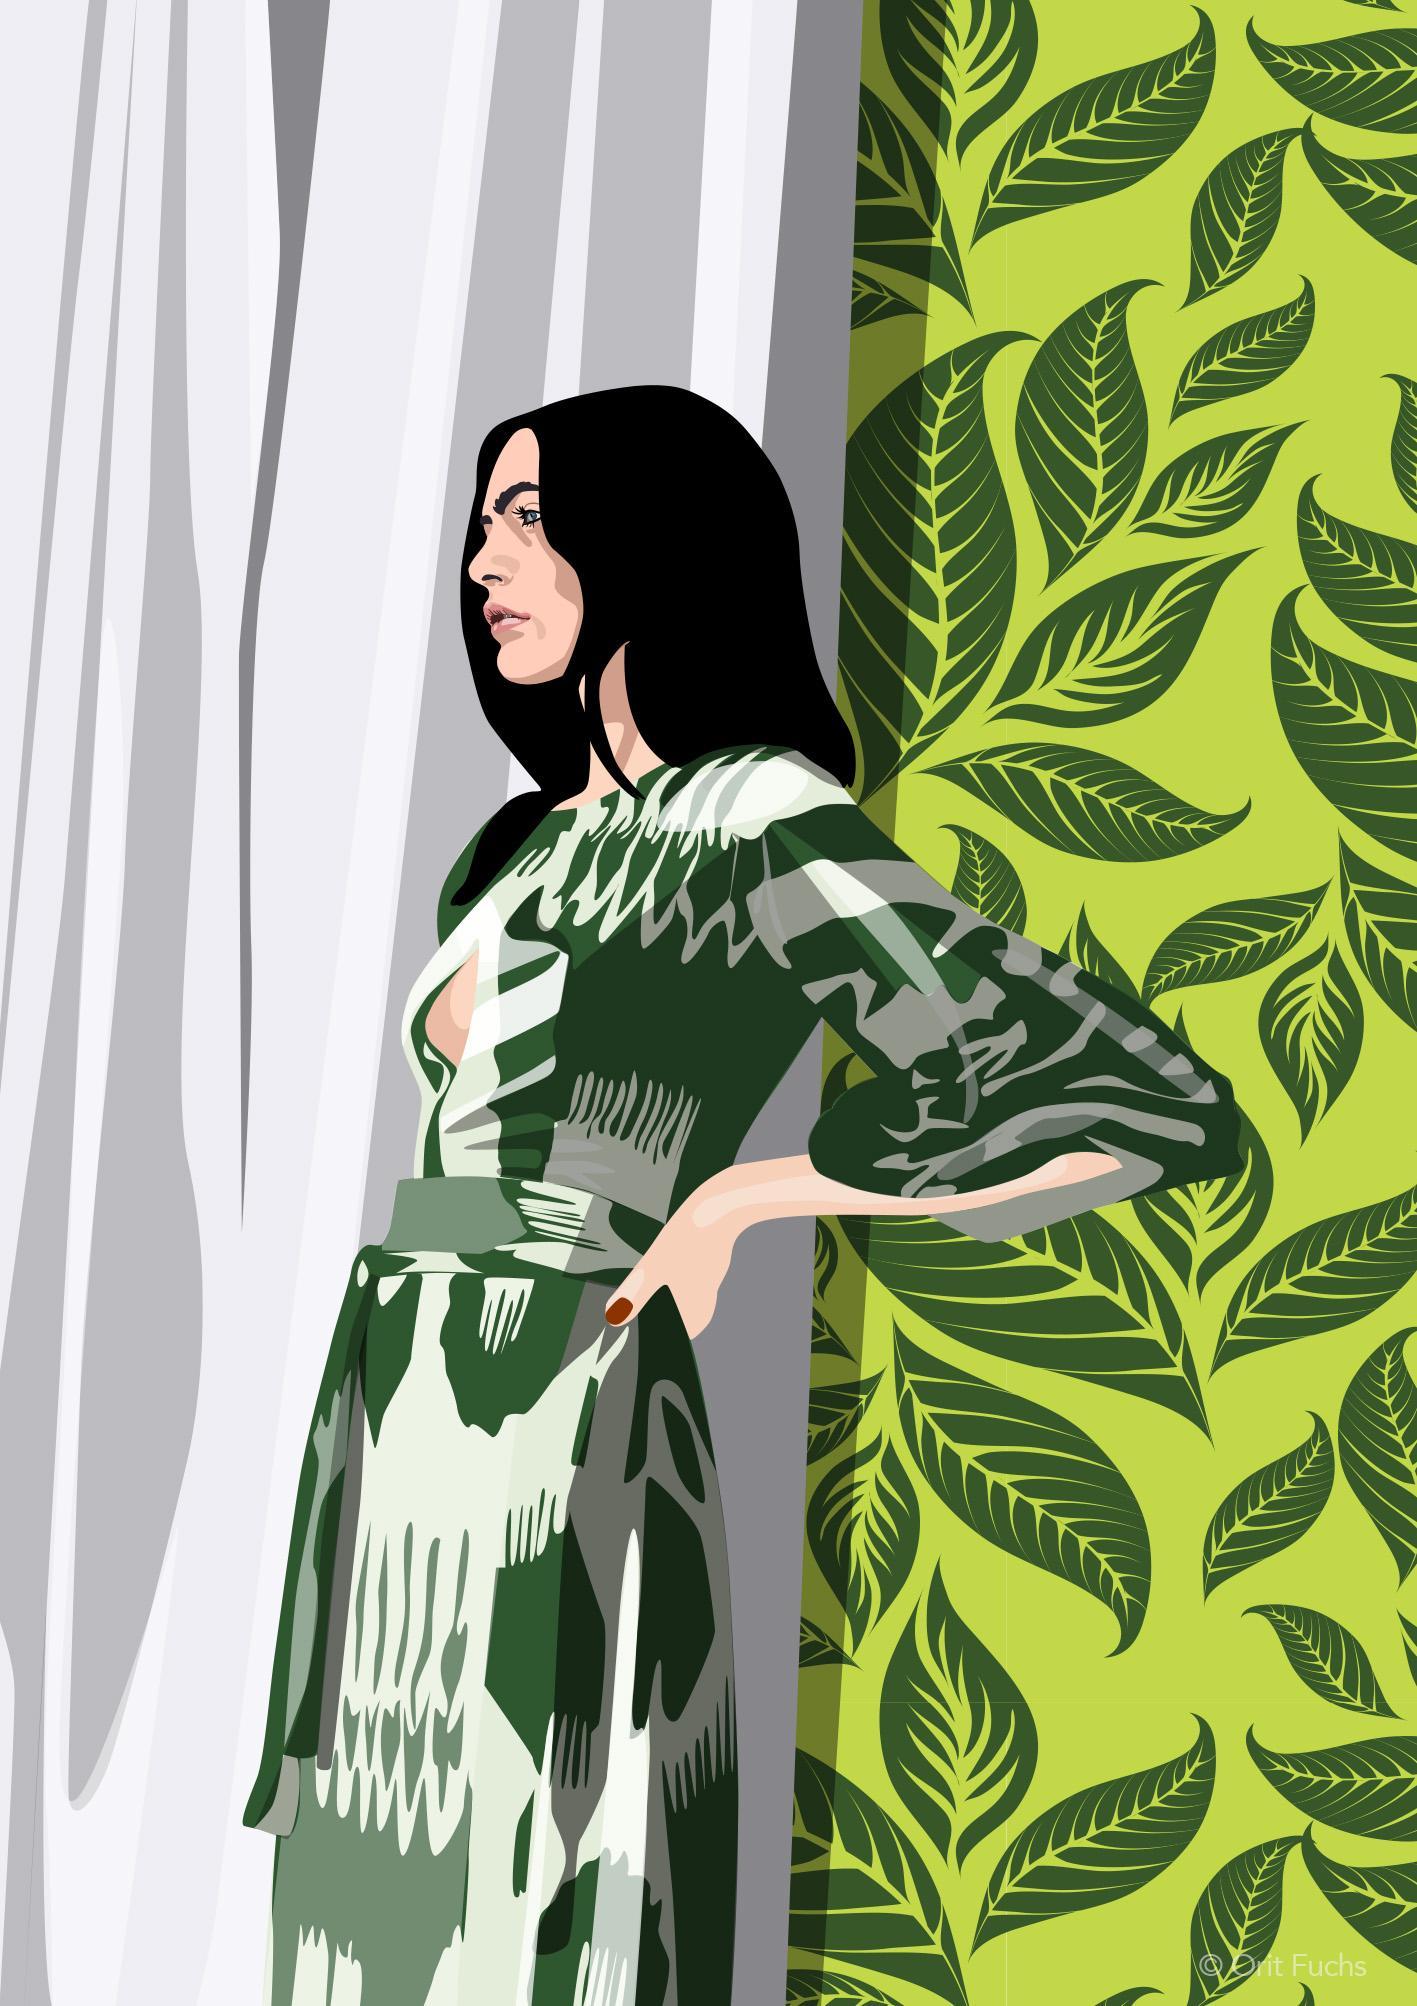 Orit Fuchs: Vivid 34 - Giclee print on canvas female figure painting